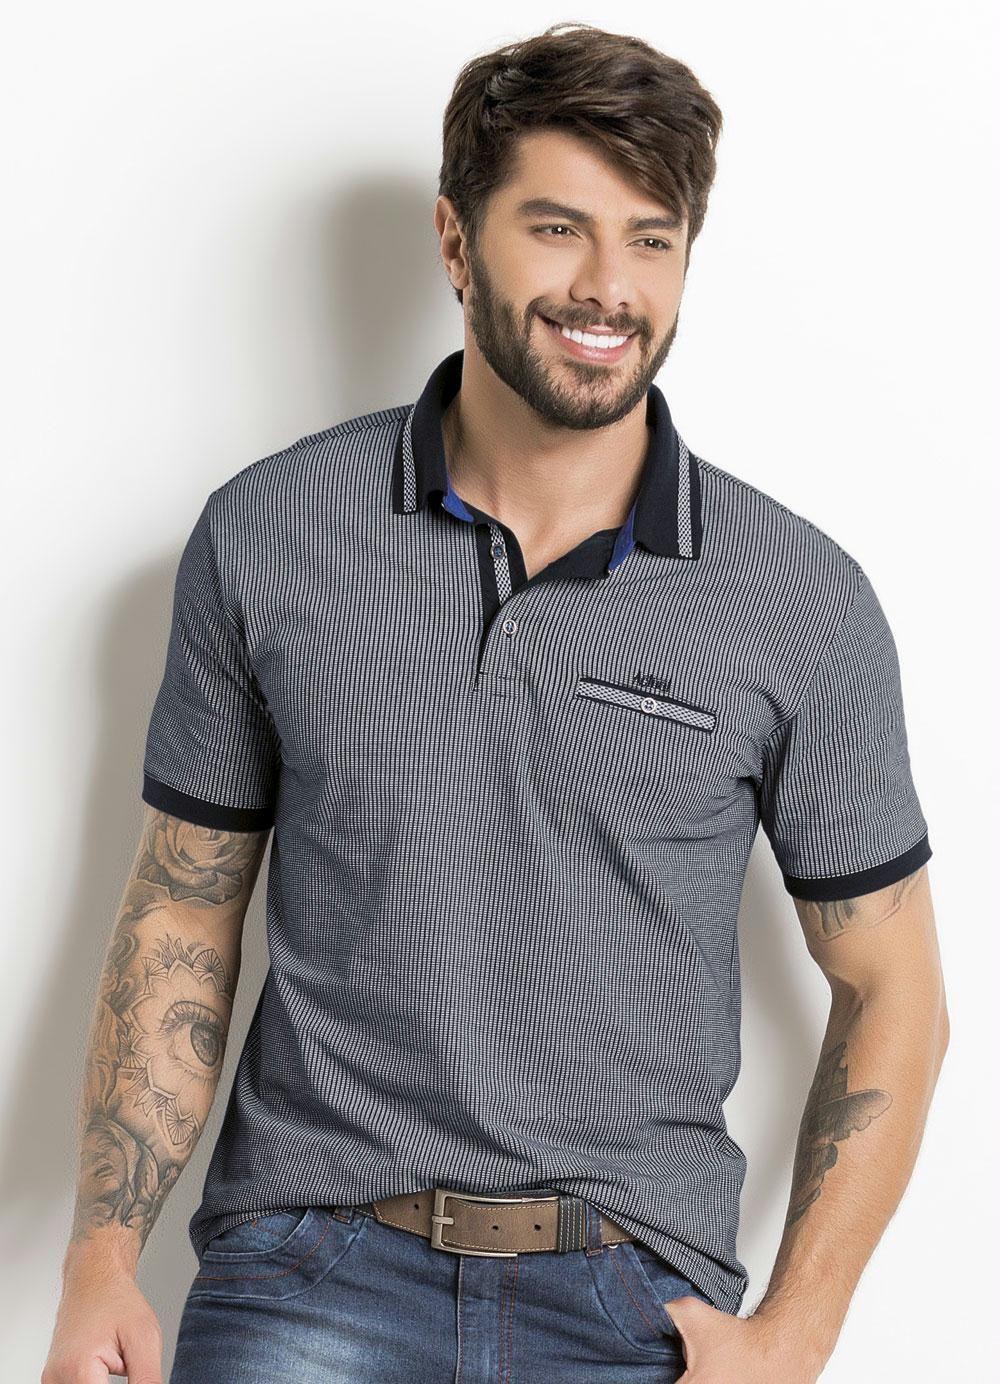 453a4a3cc8 Camisa Polo Estampada com Detalhe Bolso e Gola - Actual